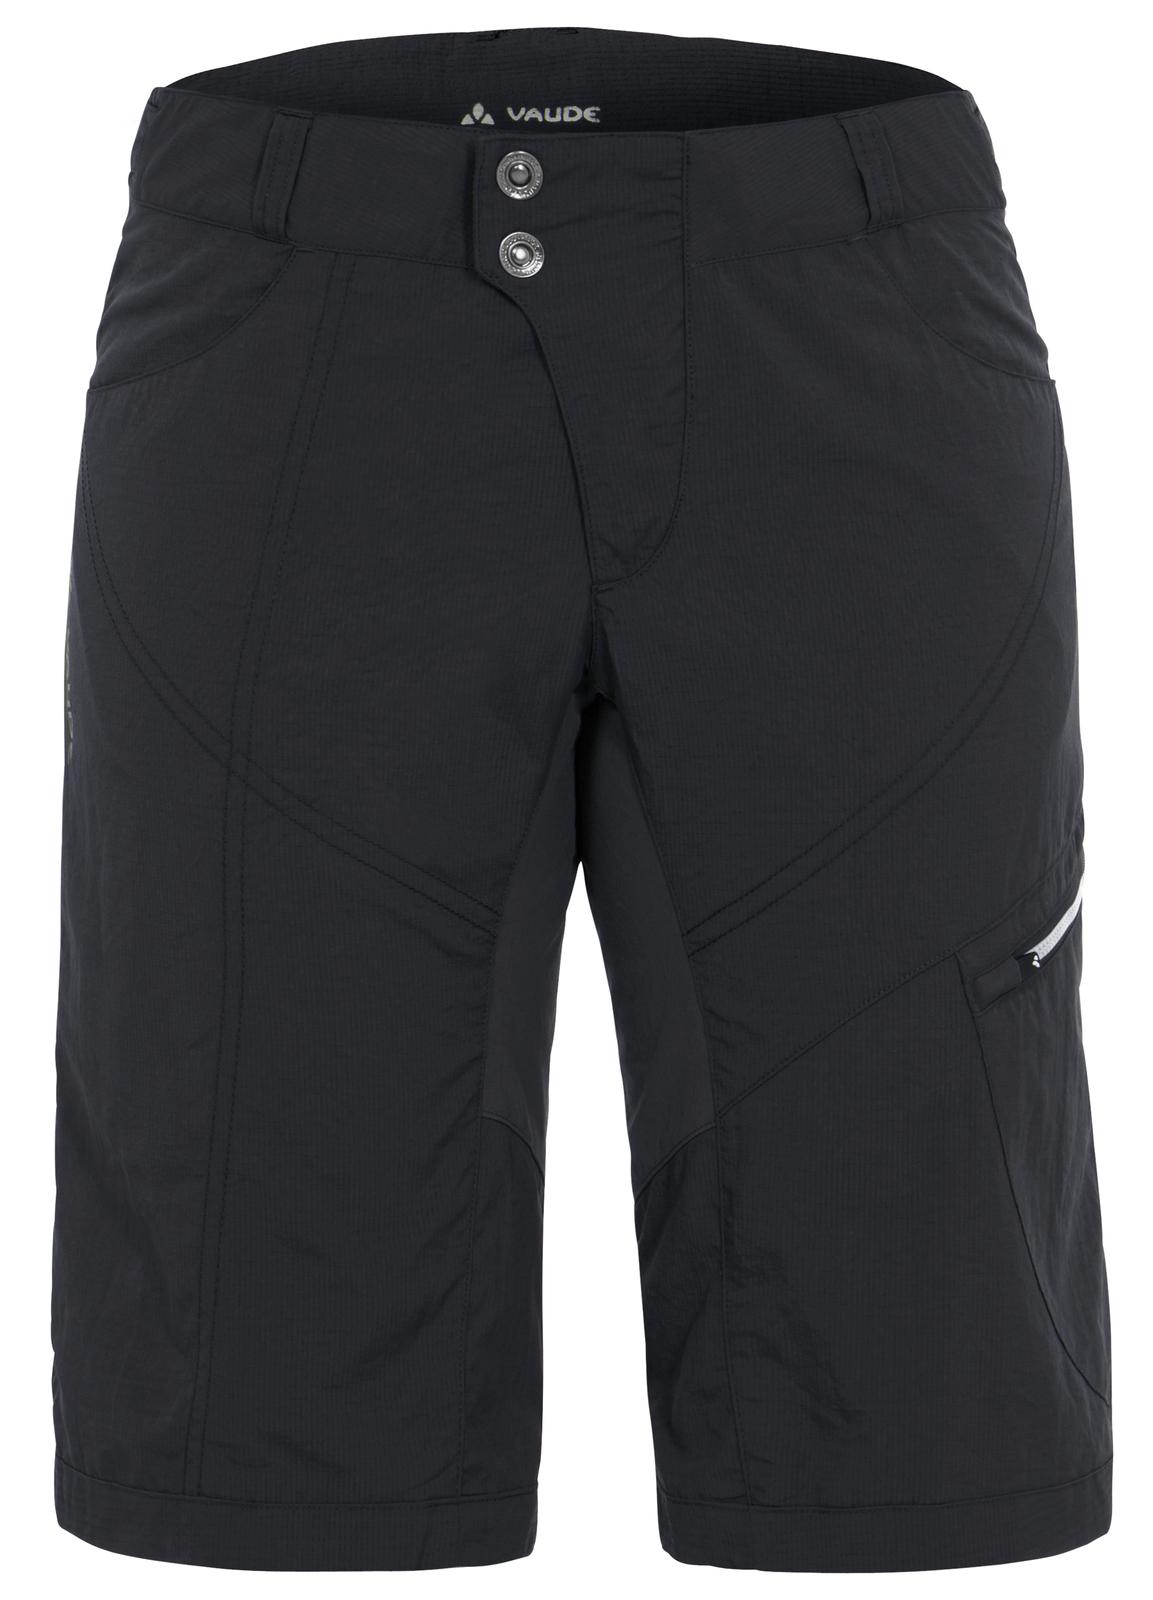 VAUDE Women´s Tamaro Shorts black Größe 36 - schneider-sports